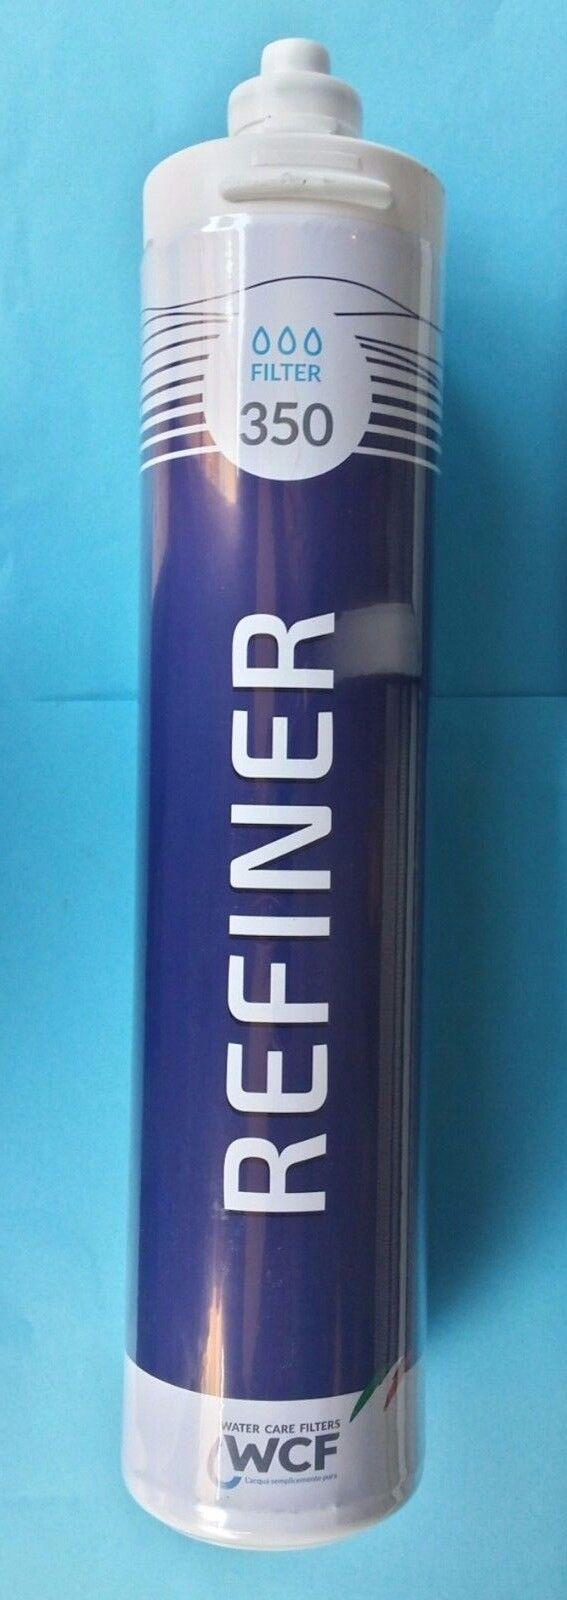 FILTRO REFINER RS 350,COMPATIBILE EVERPURE,PURIFICATORE ACQUA,MICROFILTRAZIONE